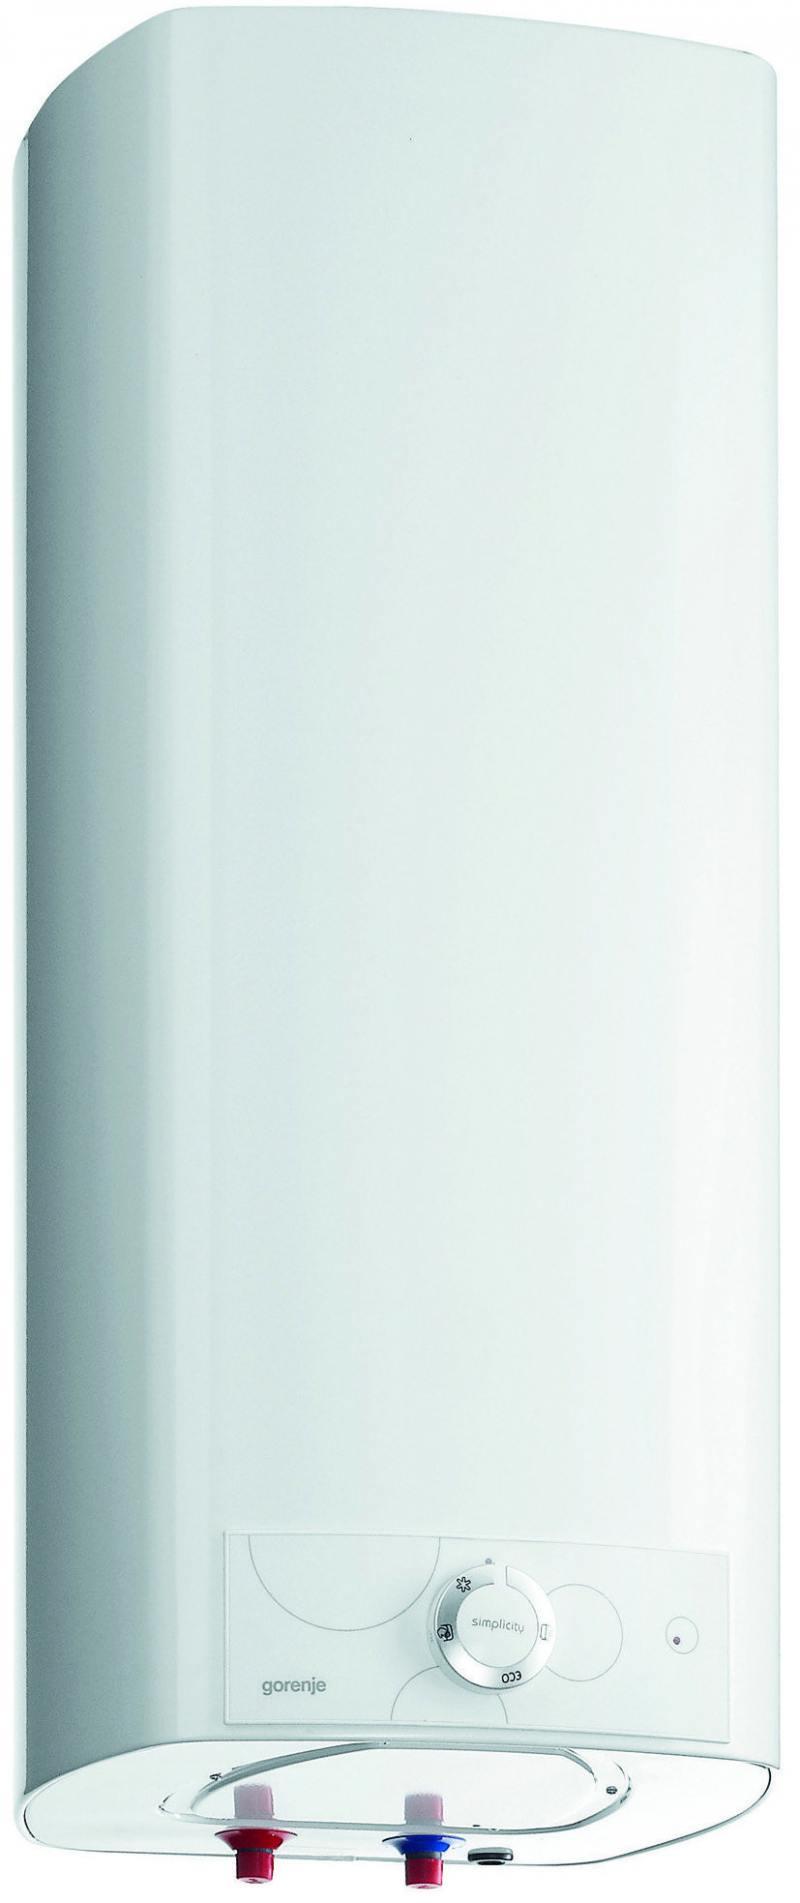 Водонагреватель накопительный Gorenje OTG80SLSIMB6 80л 2квт водонагреватель накопительный gorenje otgs80smb6 80л 2квт белый